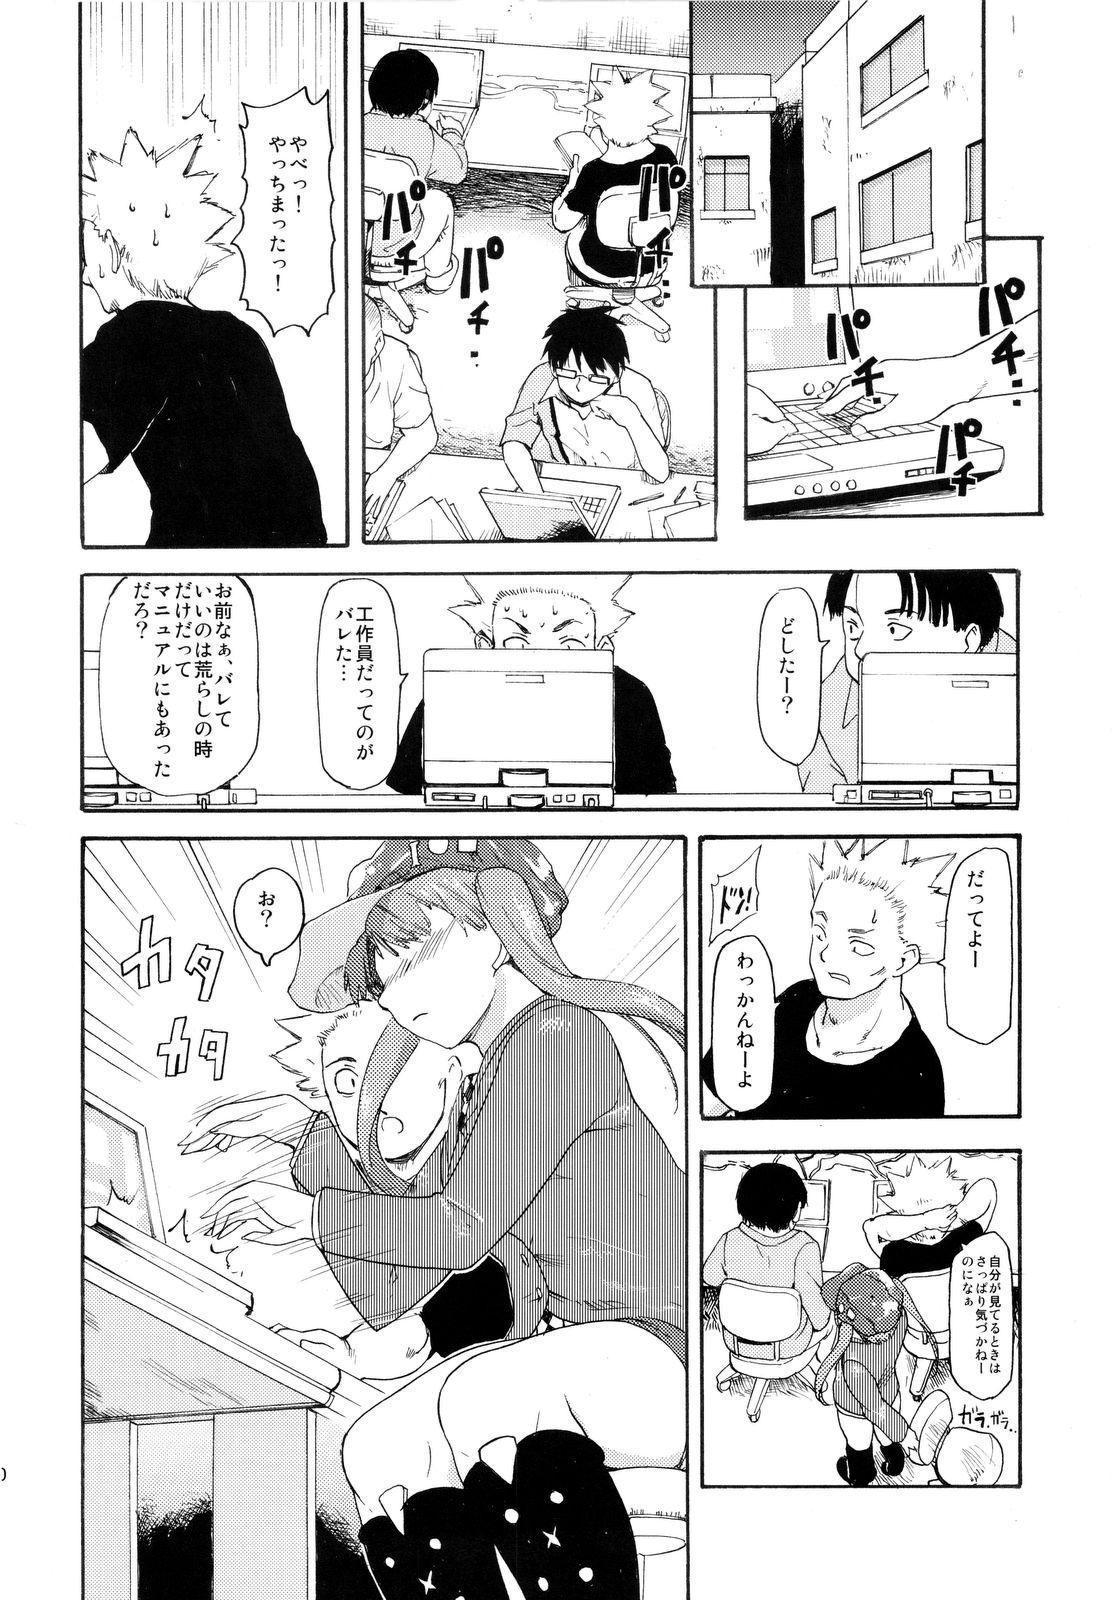 (C74) [Paranoia Cat (Fujiwara Shunichi)] Akogare no Hito -Himitsu no Isshuukan- #2 28